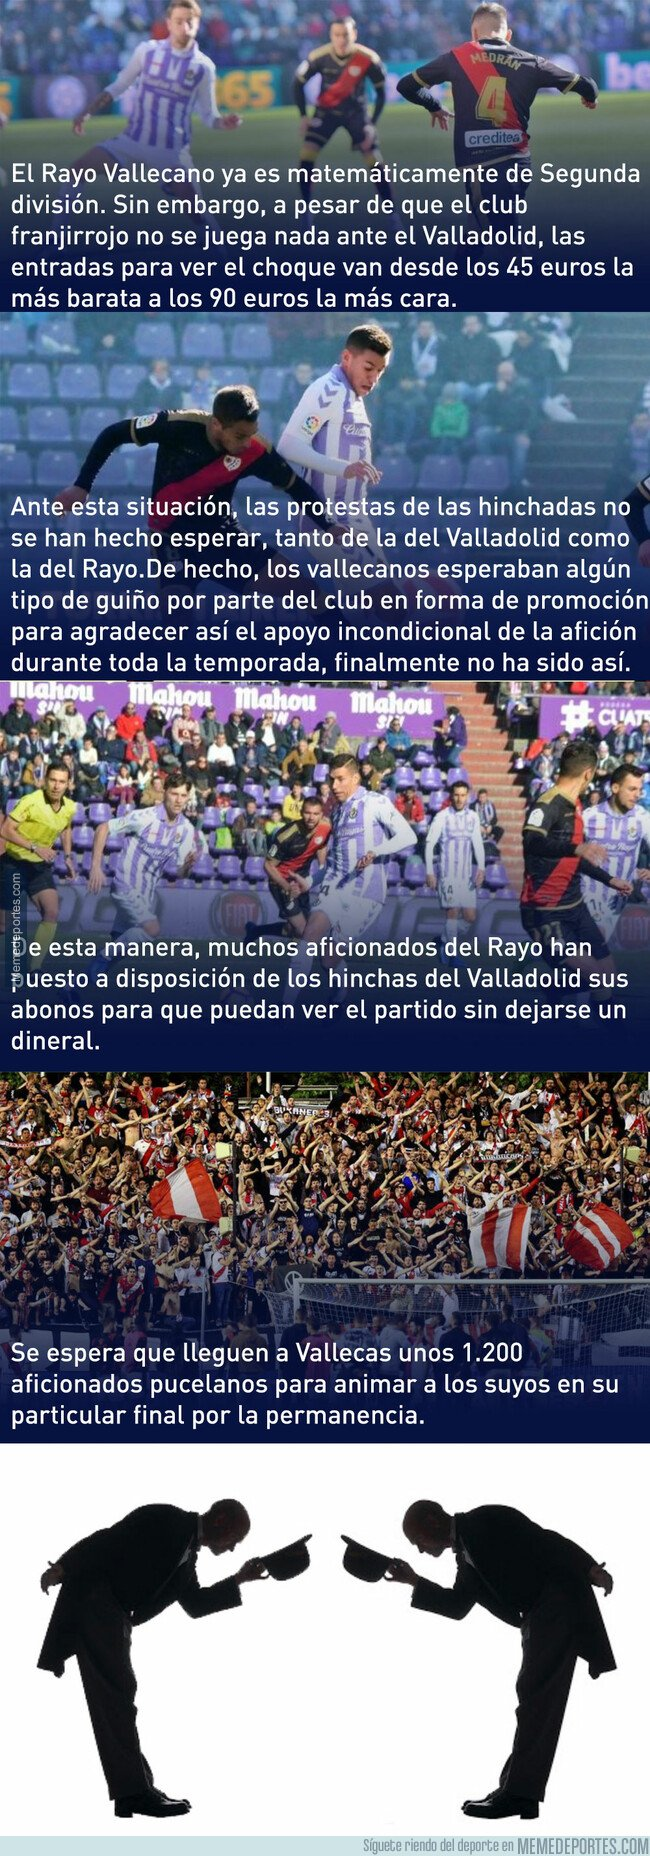 1074583 - El tremendo gesto de los hinchas del Rayo Vallecano con los del Valladolid